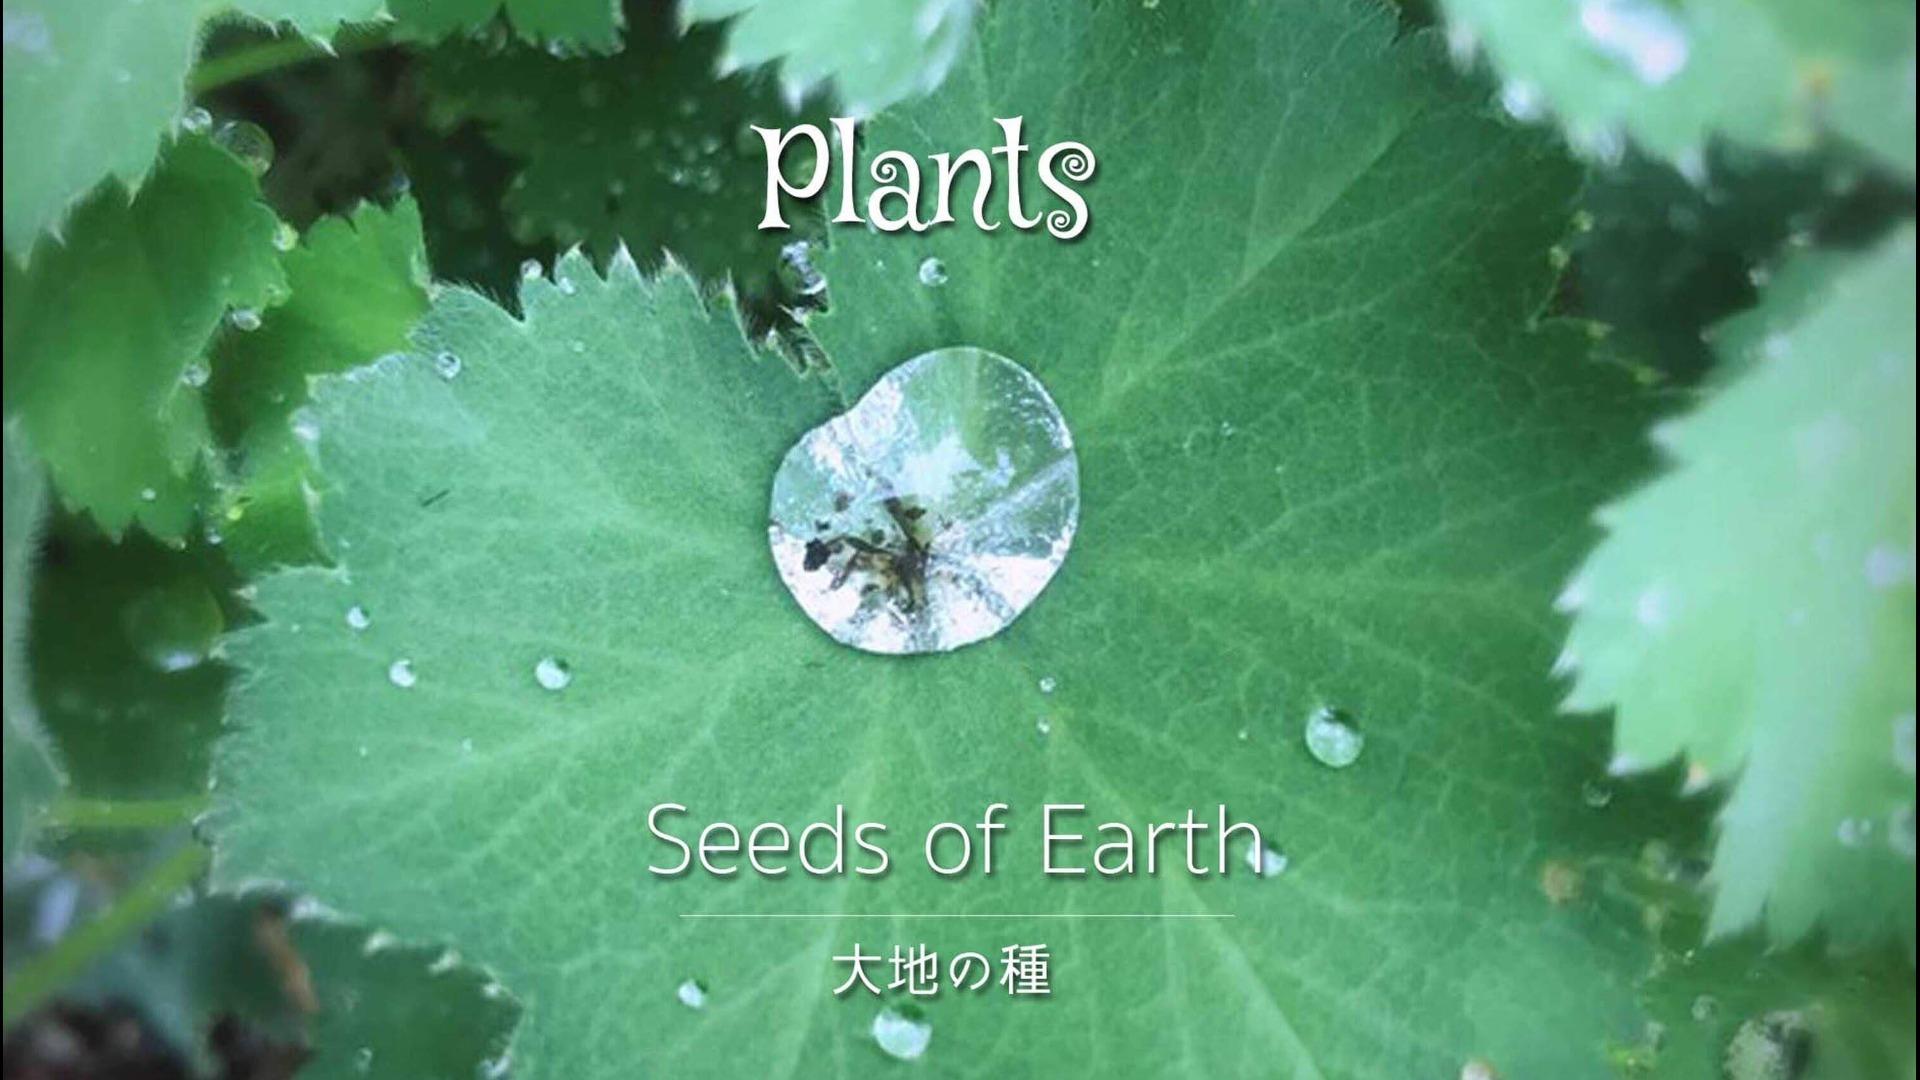 ミニアルバム『Plants』無償ダウンロードプレゼント